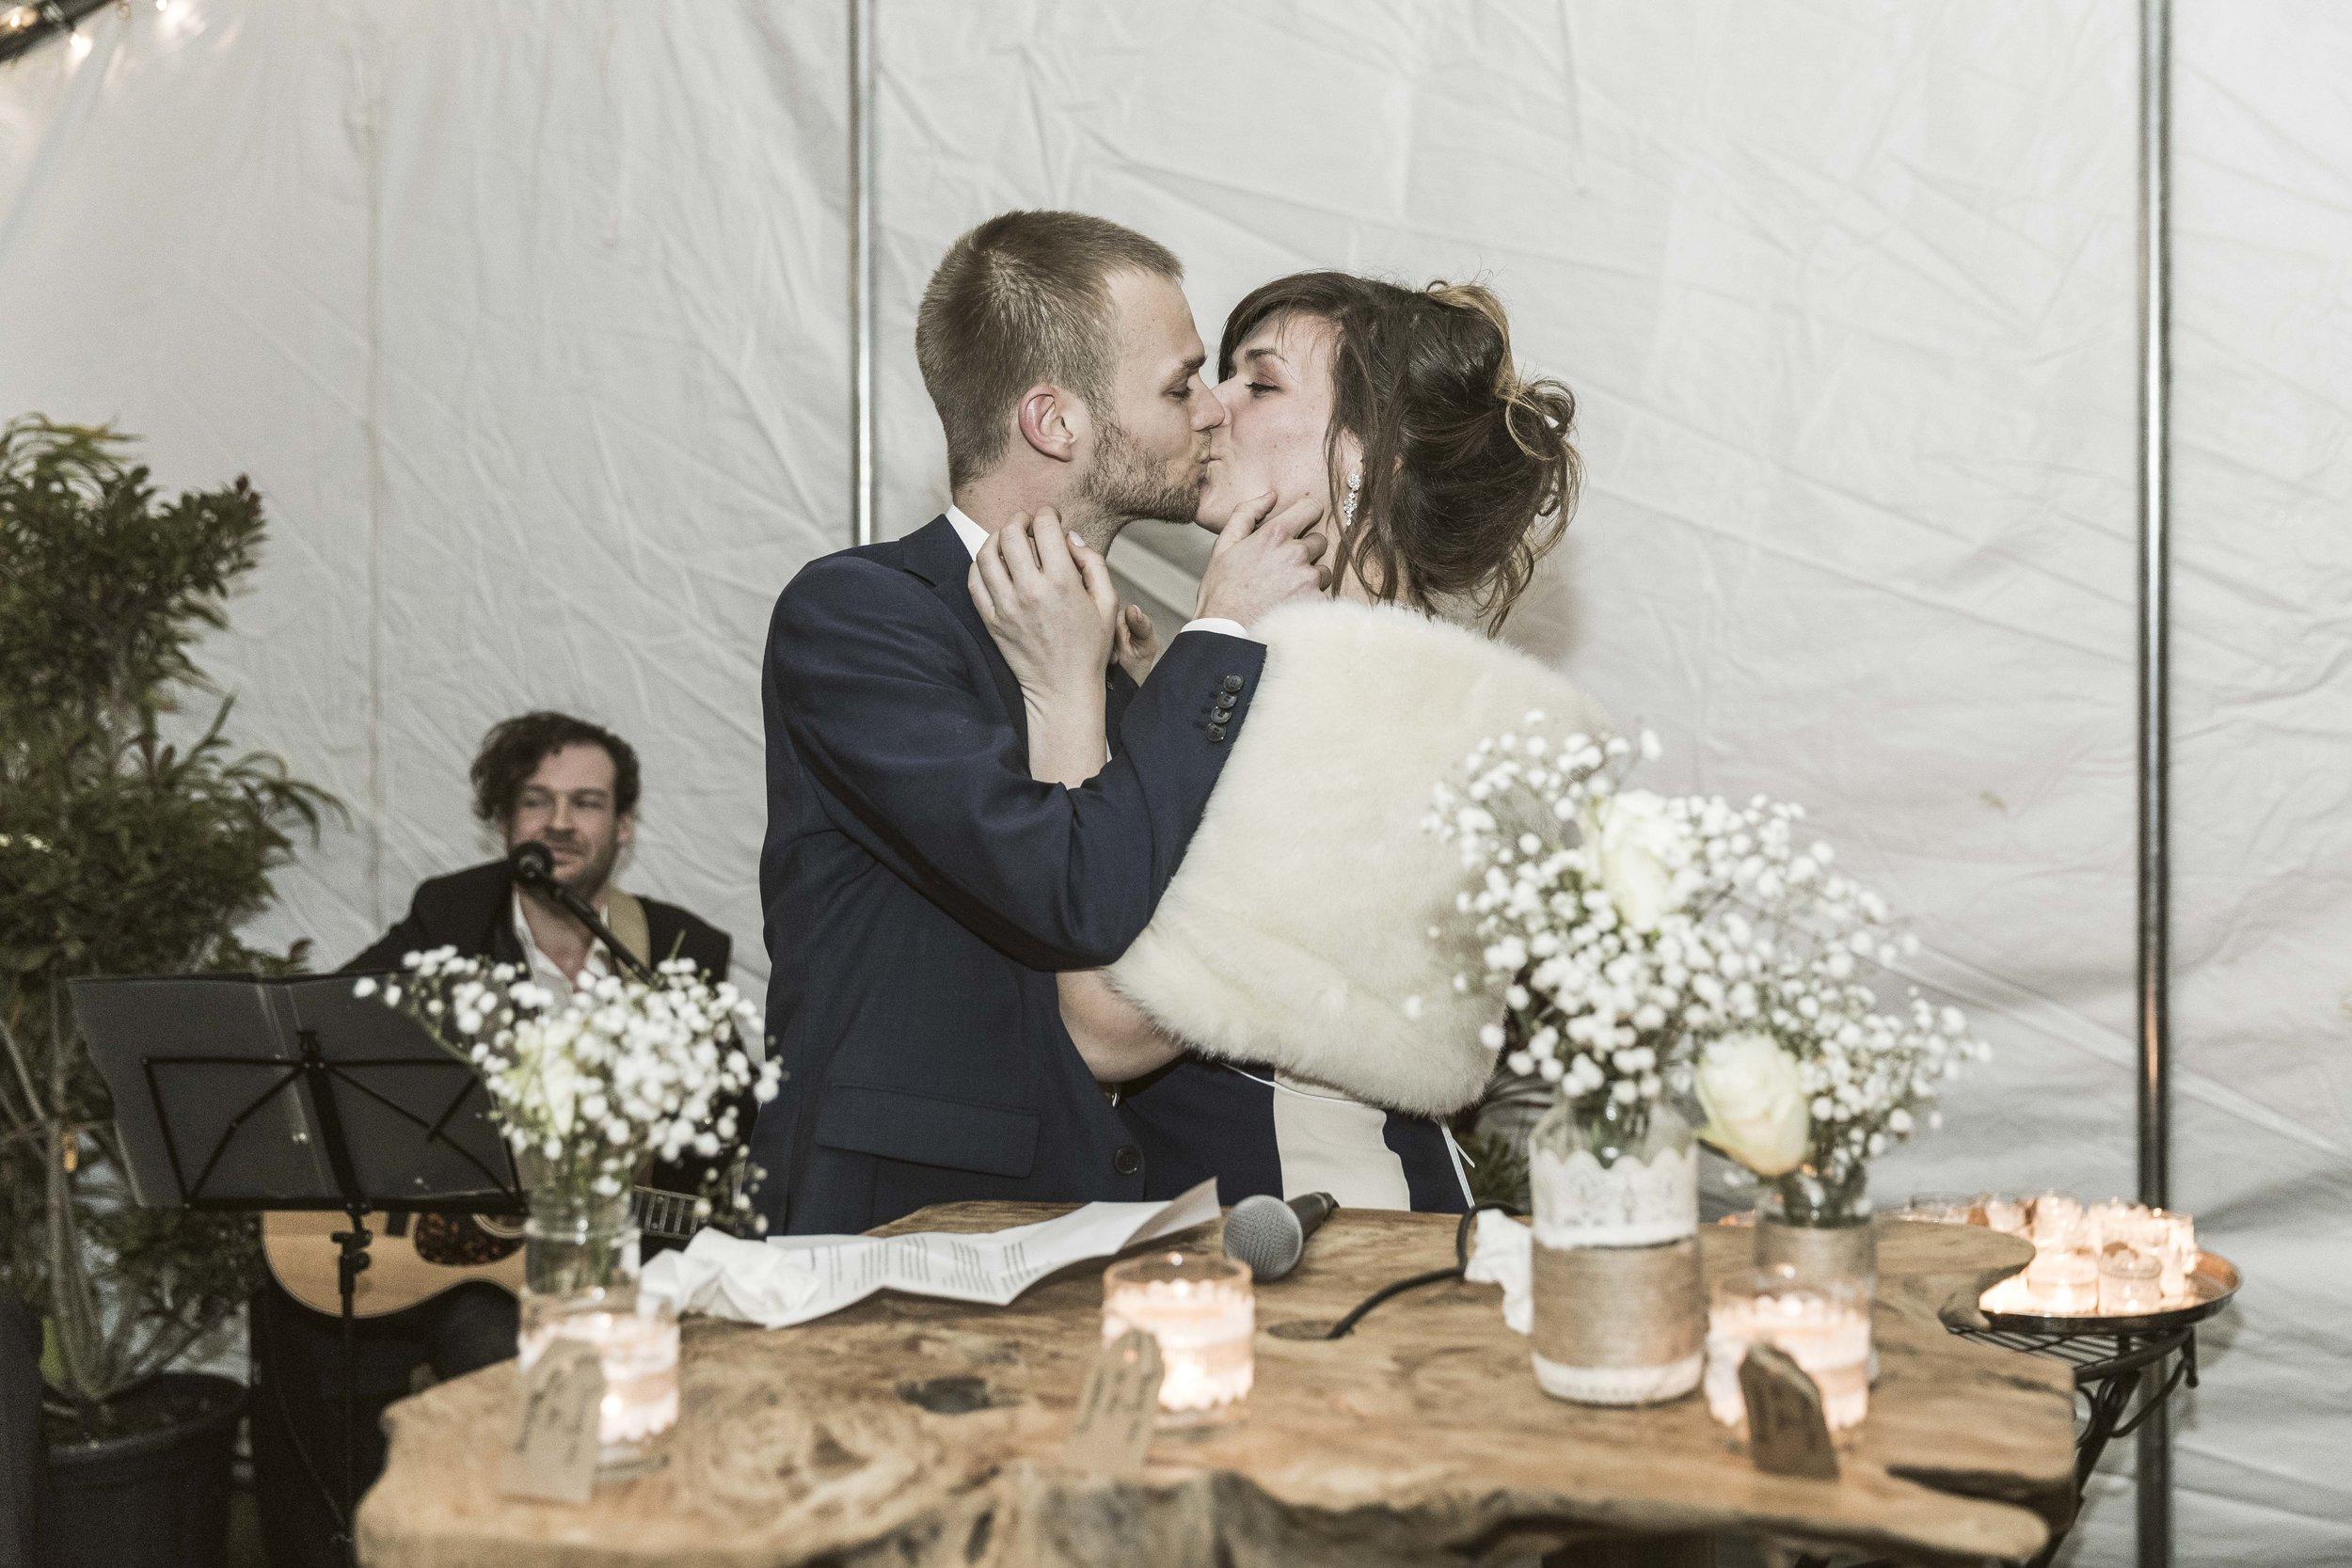 Huwelijk-Karo-Steven-20171216-Alexis-Breugelmans-036.jpg